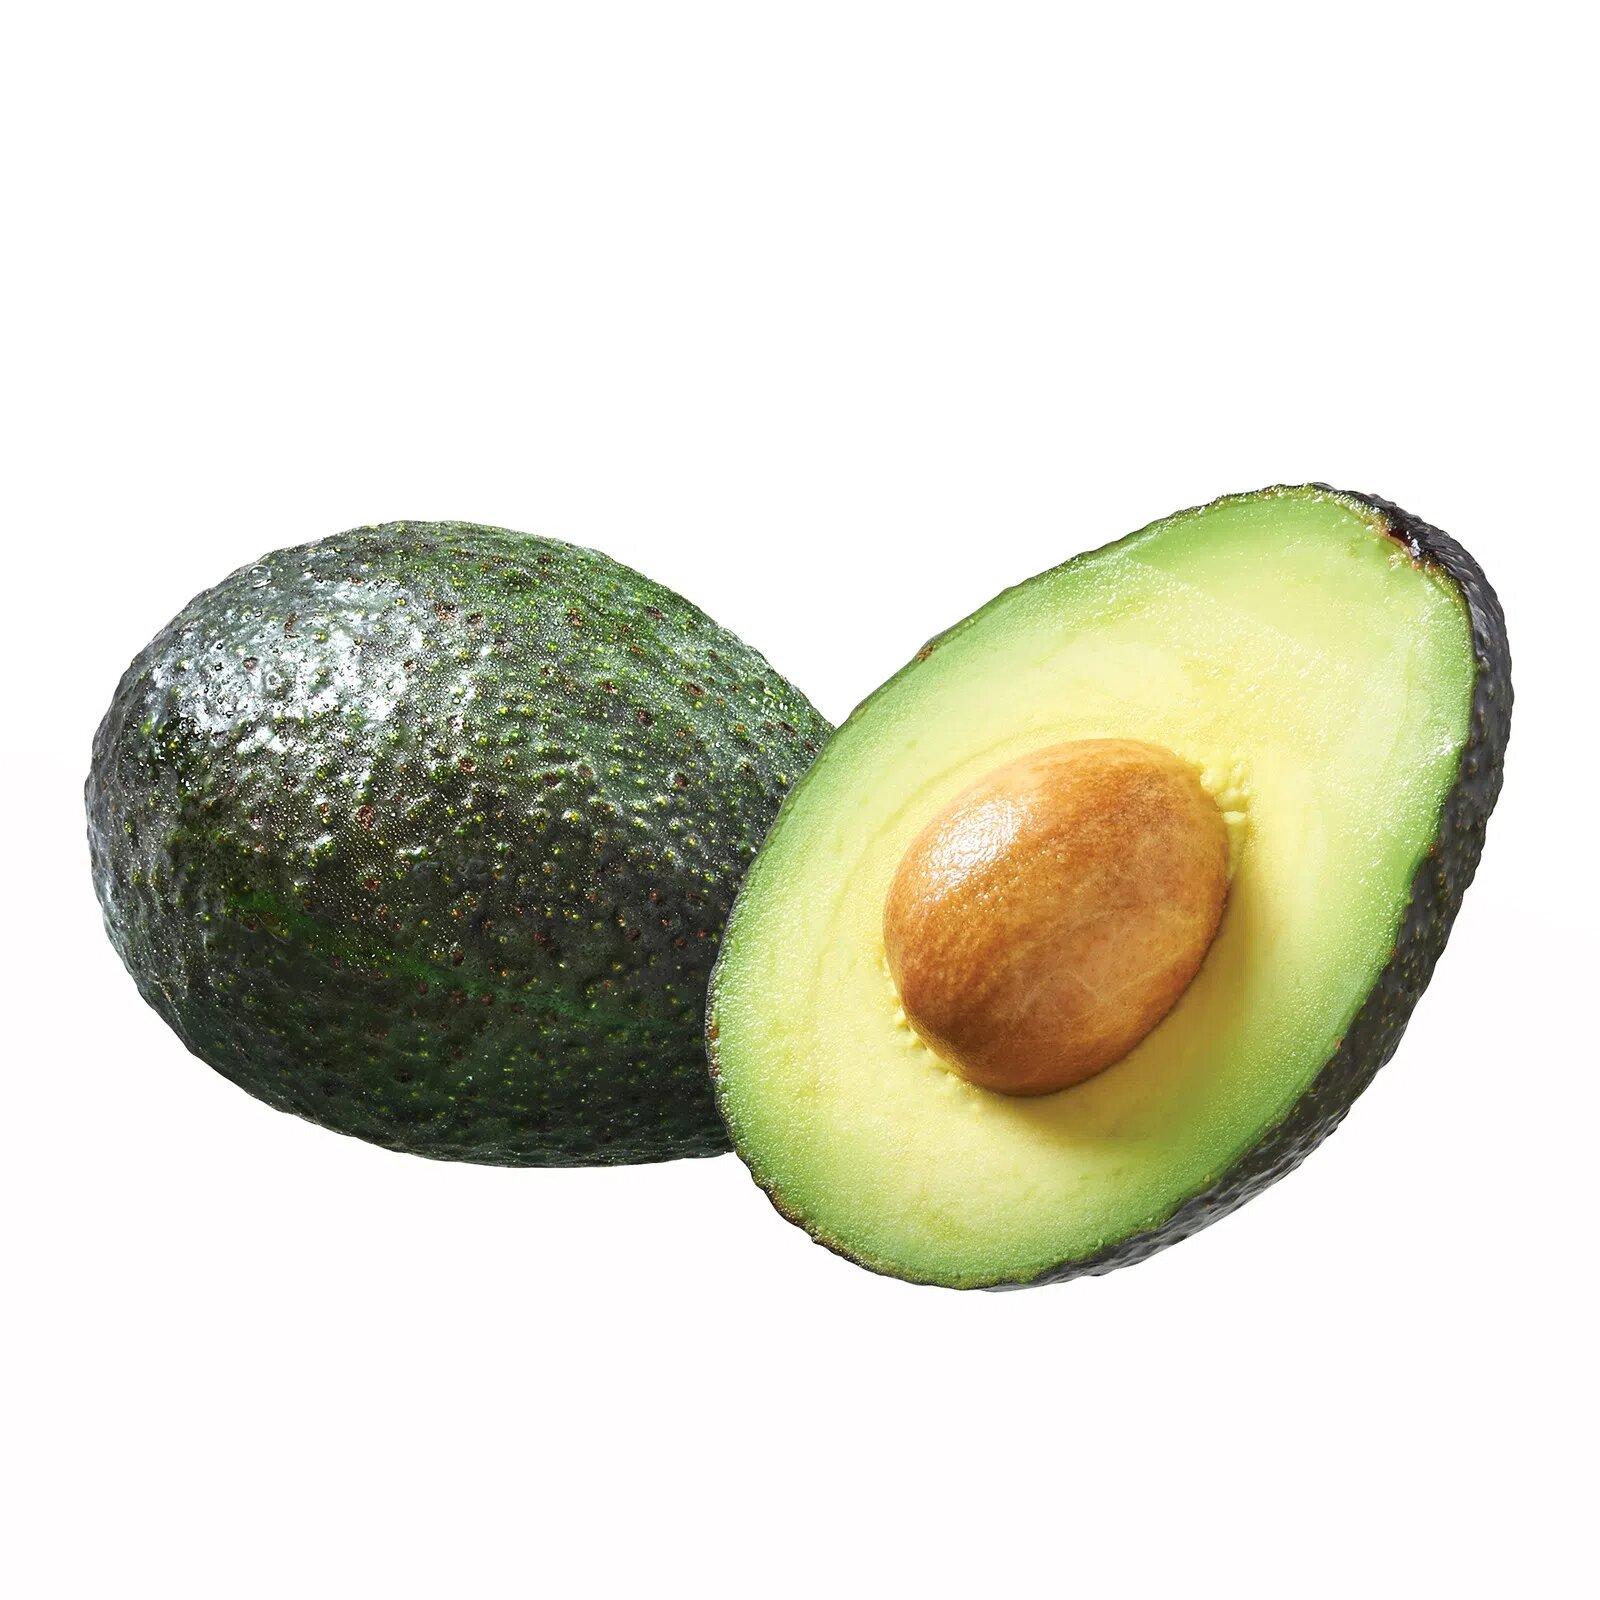 Hass Mexico Avocado